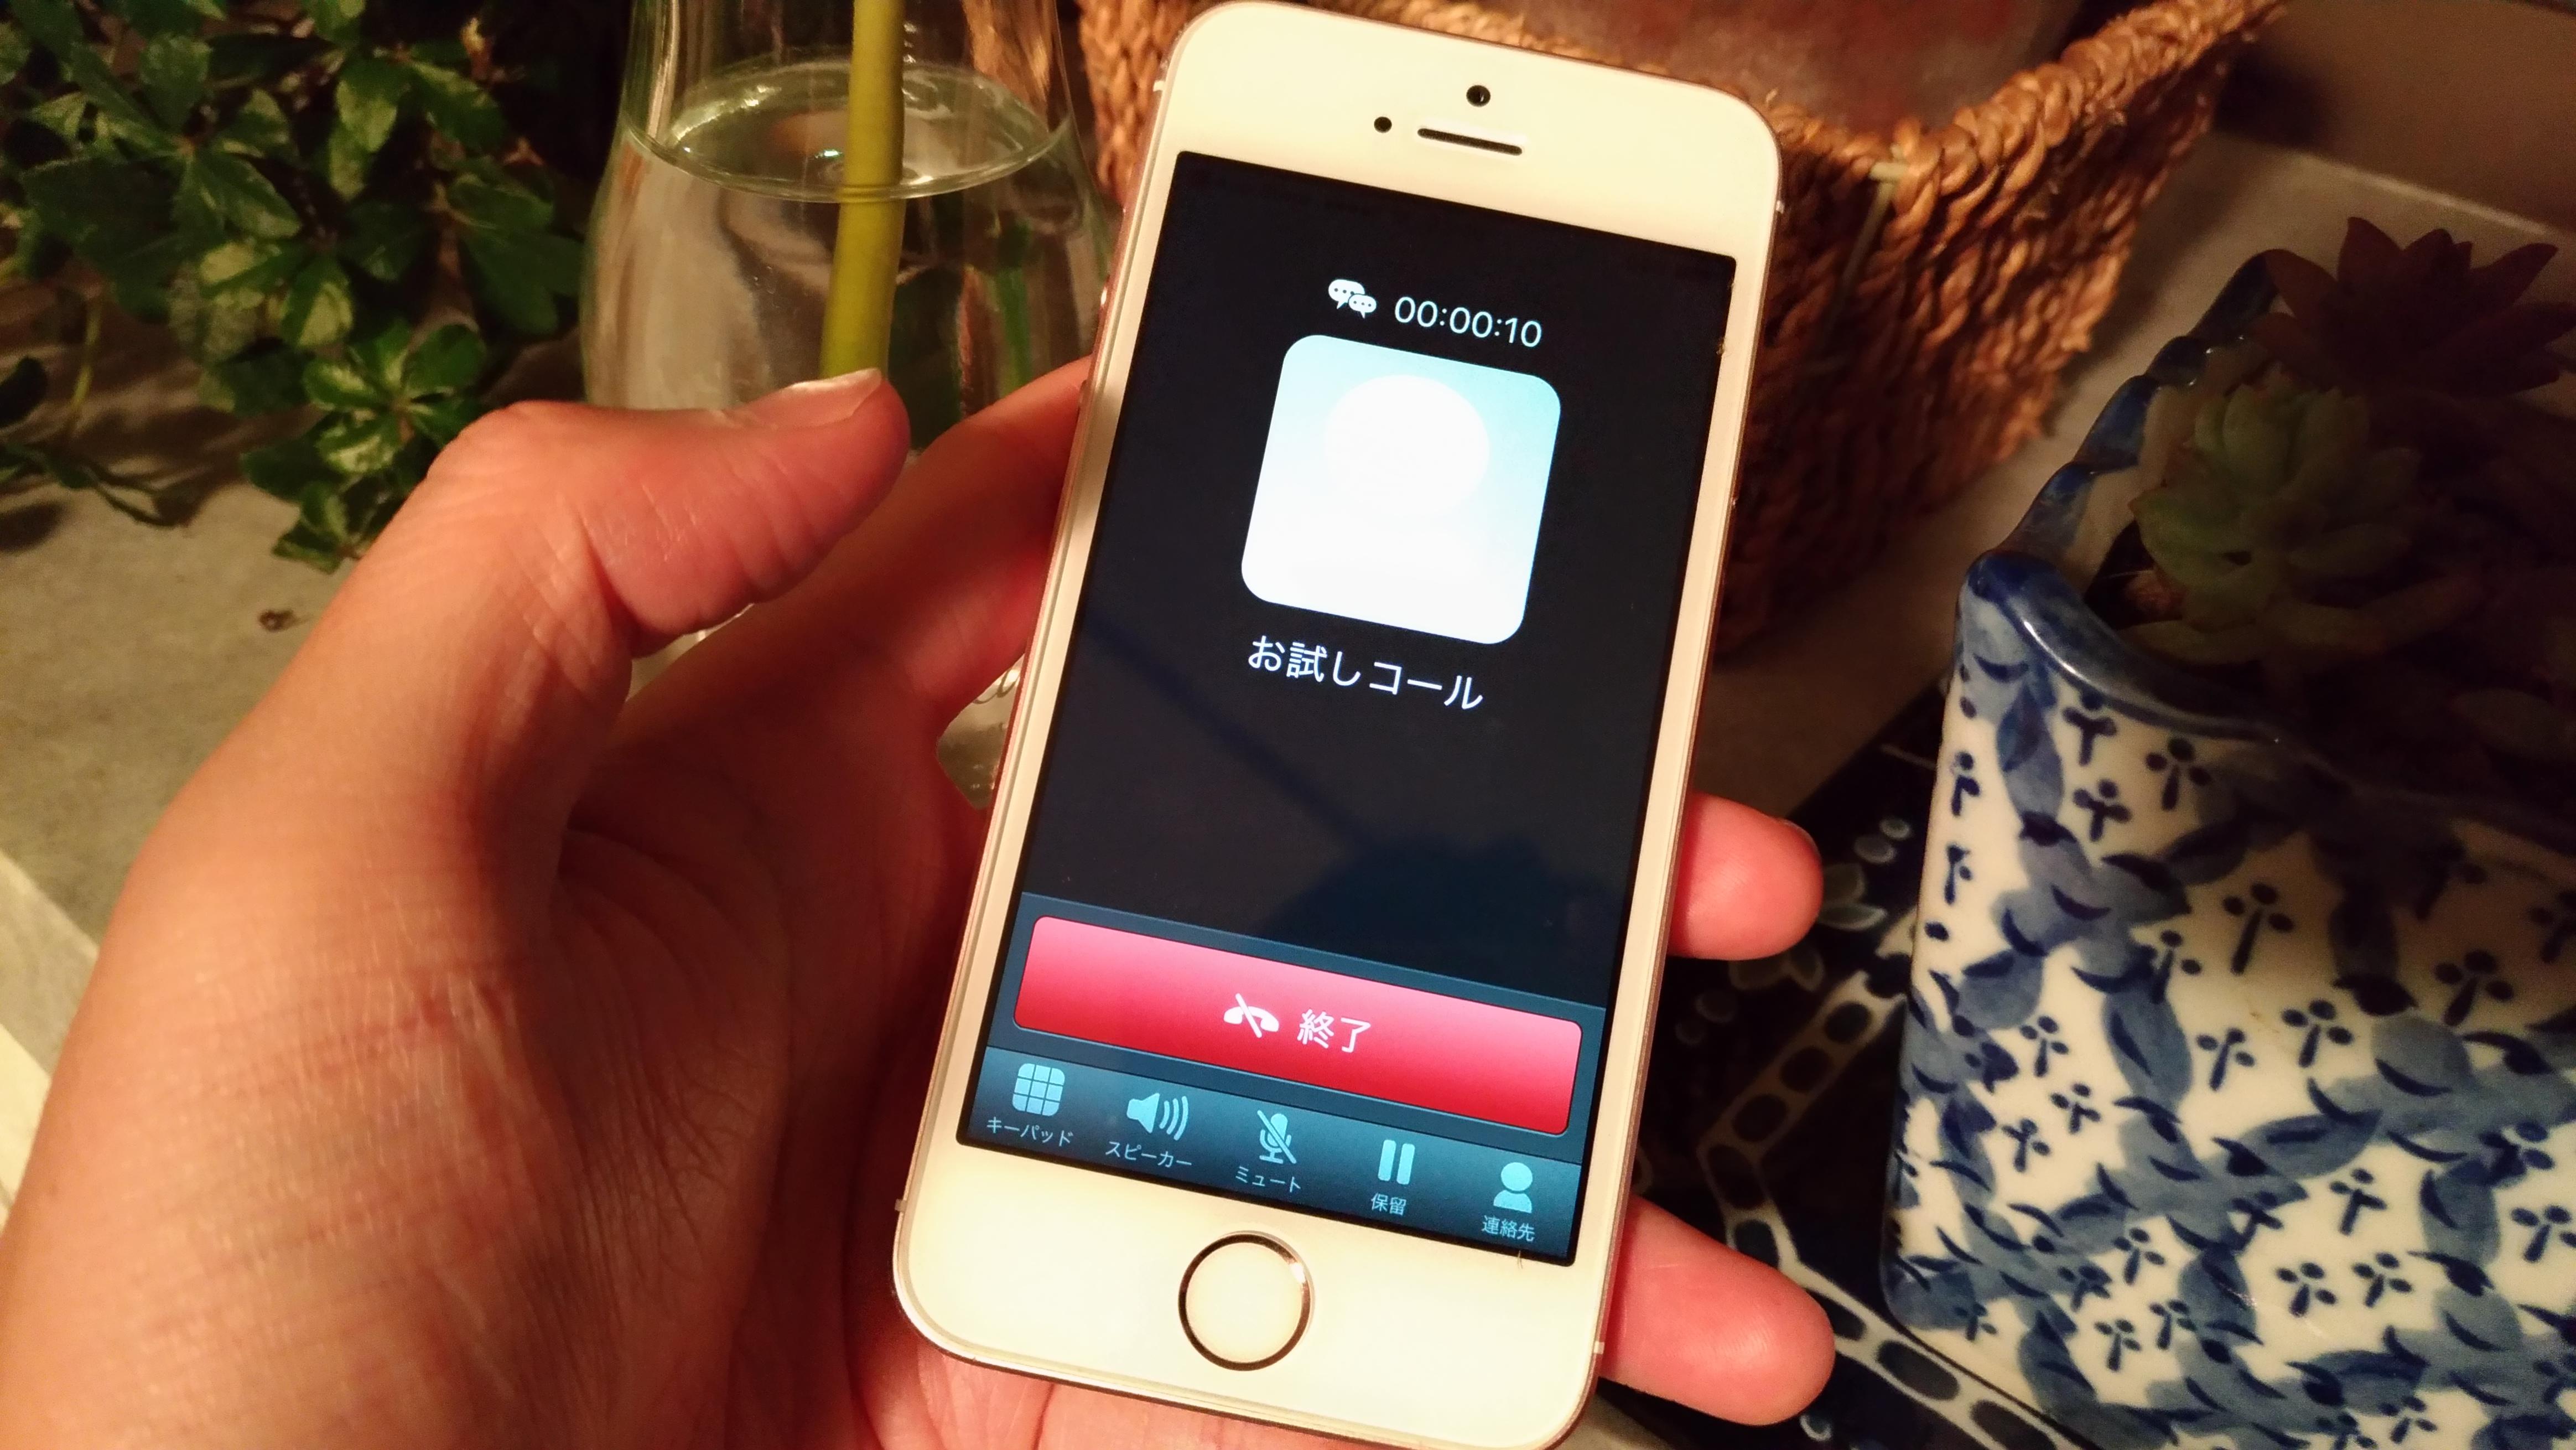 自動音声アナウンスに接続